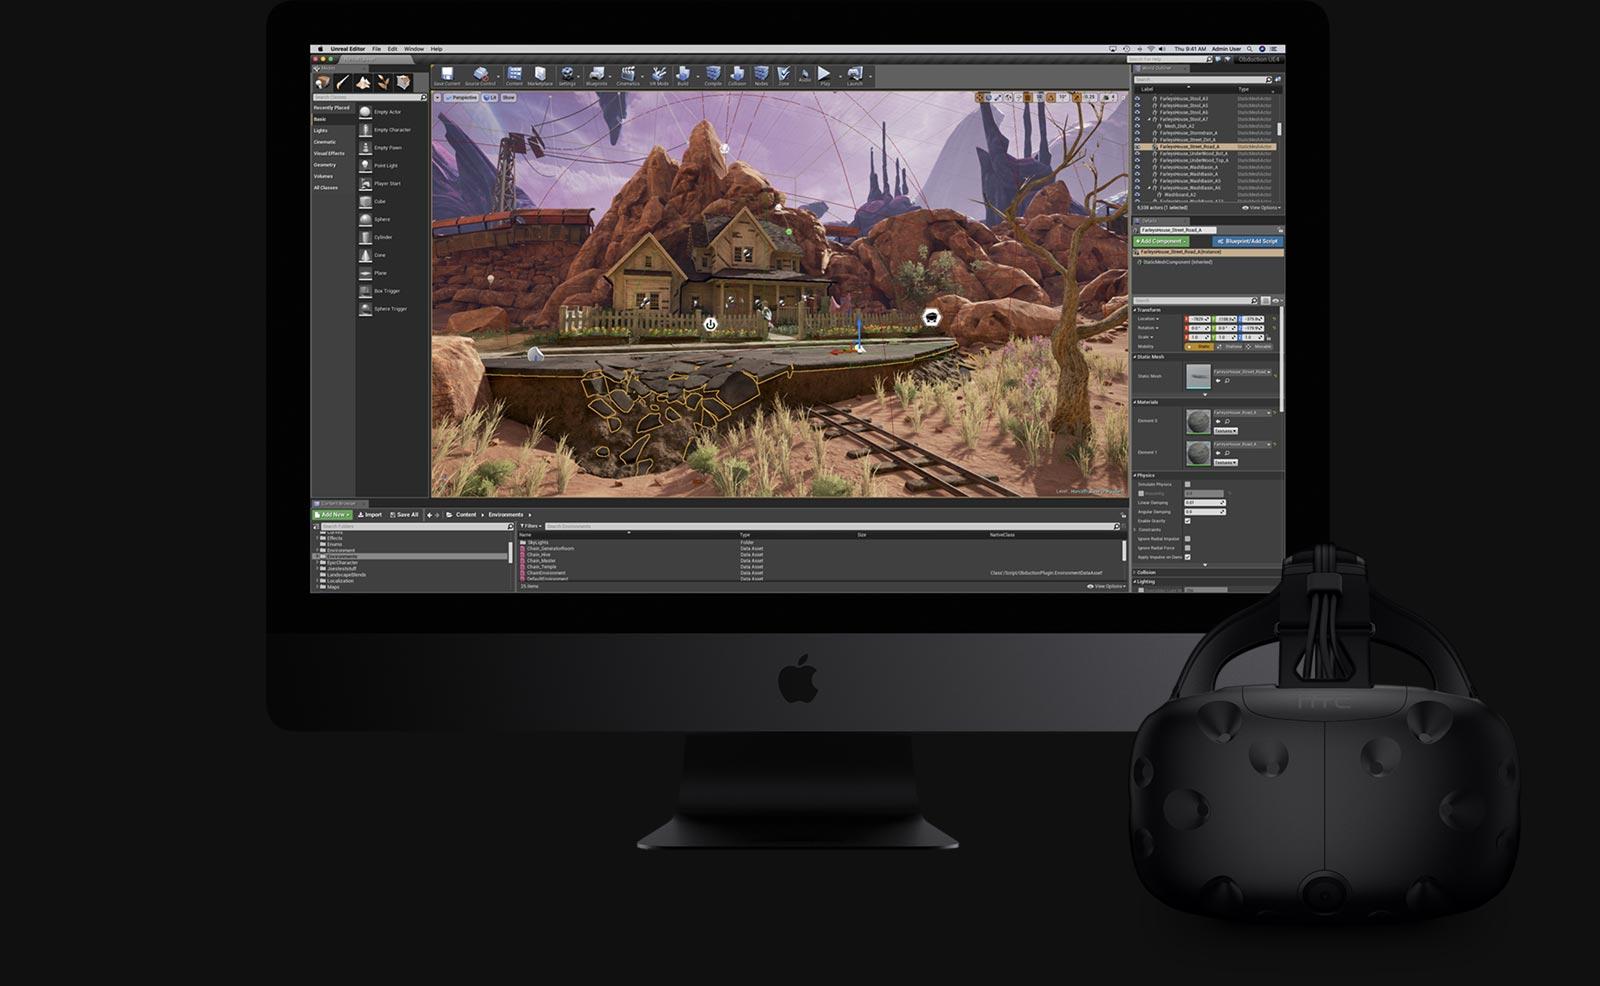 iMac Pro VR